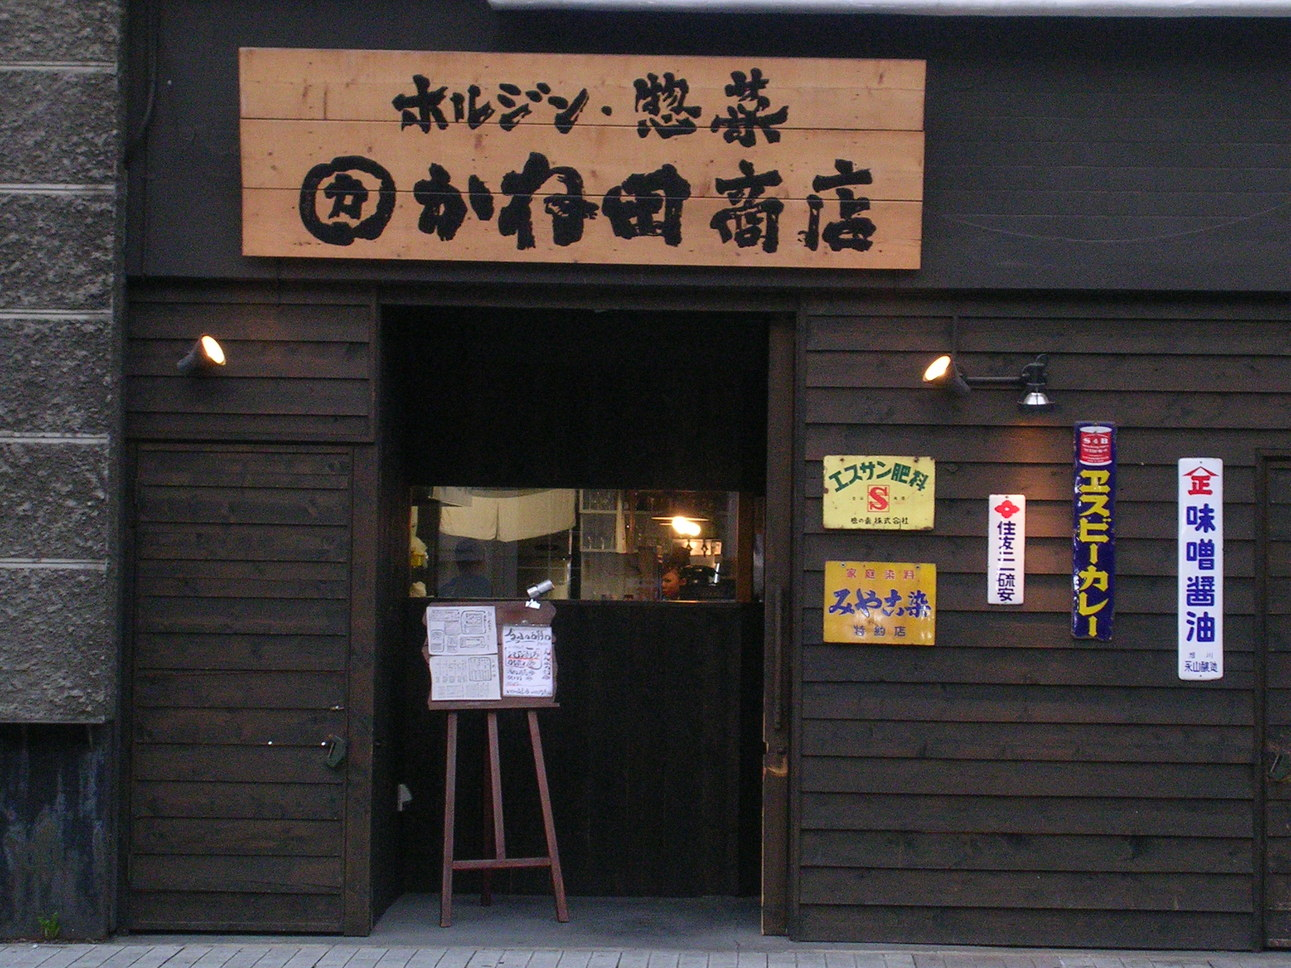 ホルジン惣菜 かね田商店